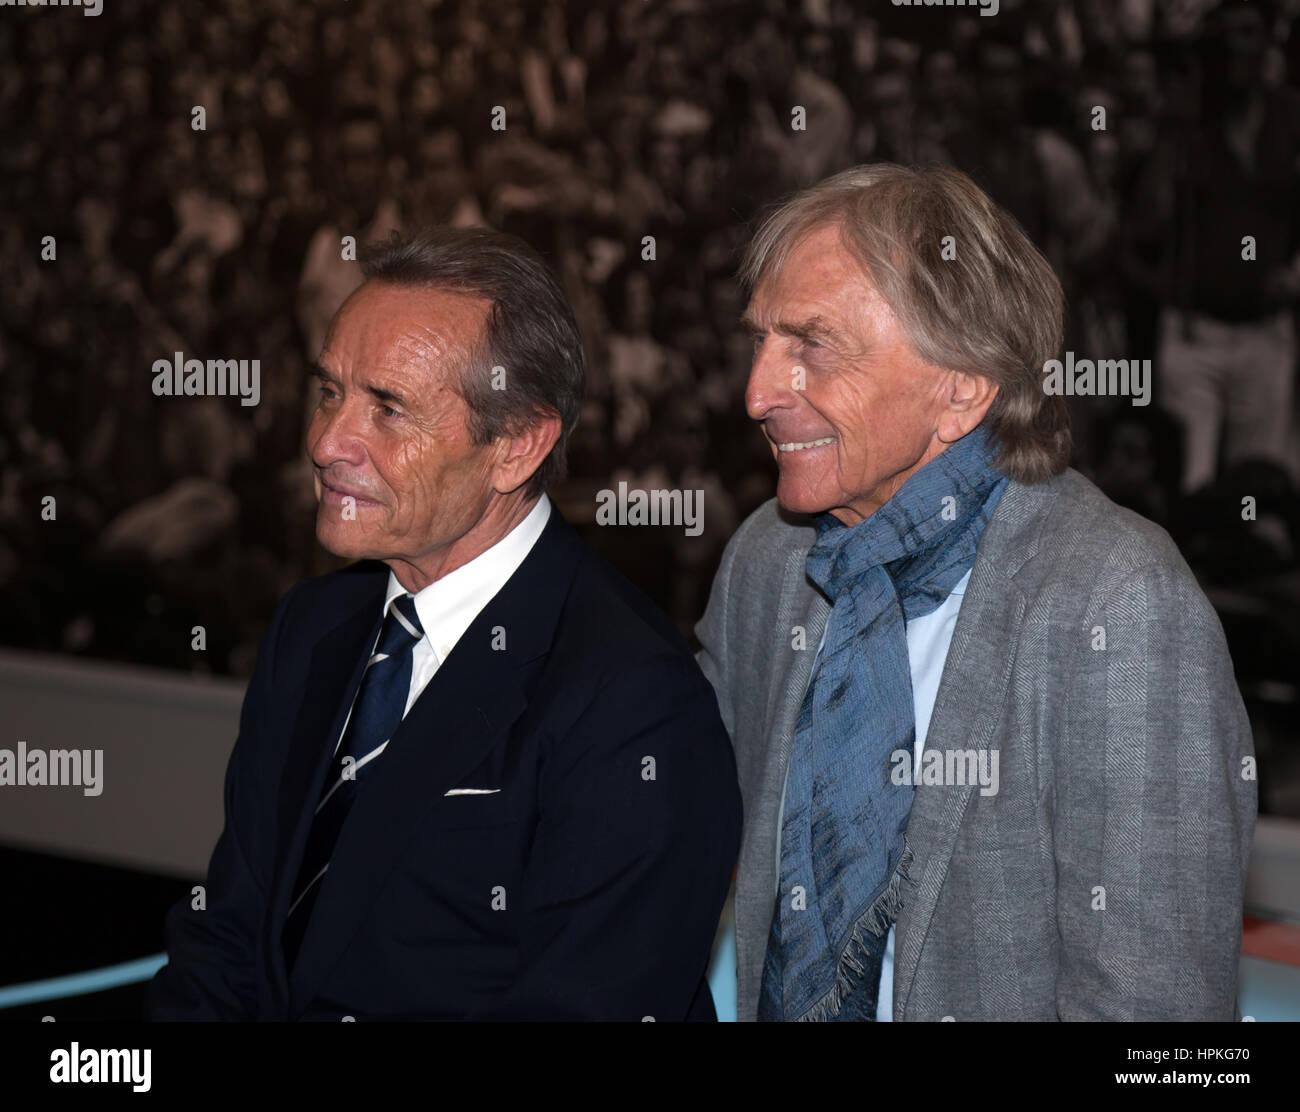 Londres, Reino Unido. 23 Feb, 2017. Foto con Jacky Ickx llamada y Derek Bell, en el icono Ickx Colección. El Imagen De Stock